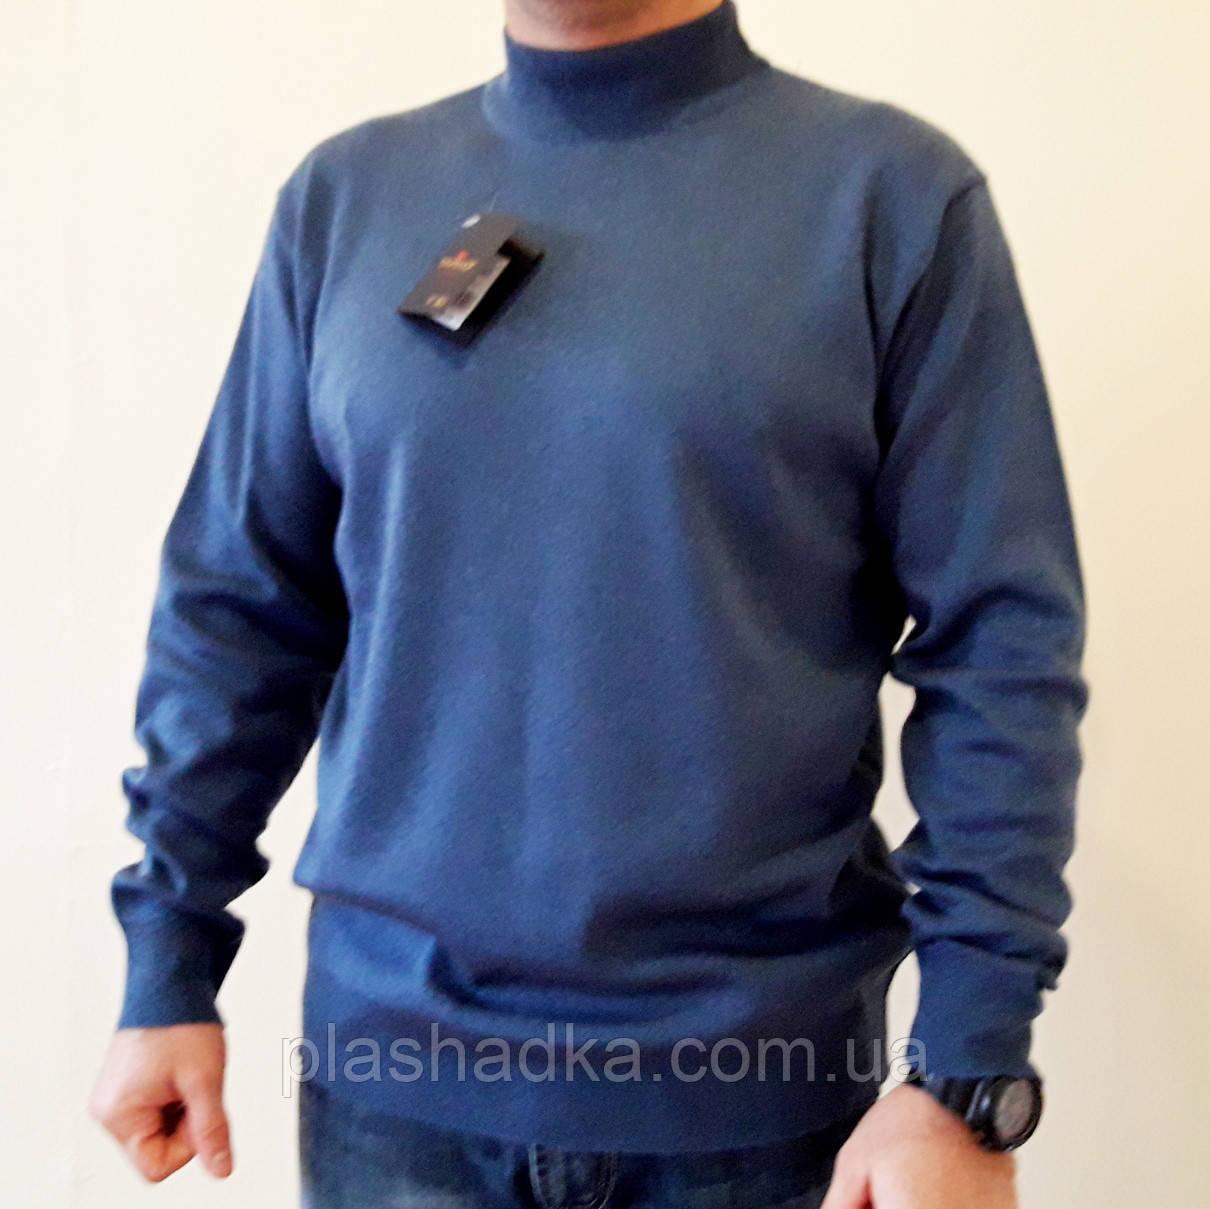 Мужской свитер с высоким горлом 48-54р. светло-синий, Турция